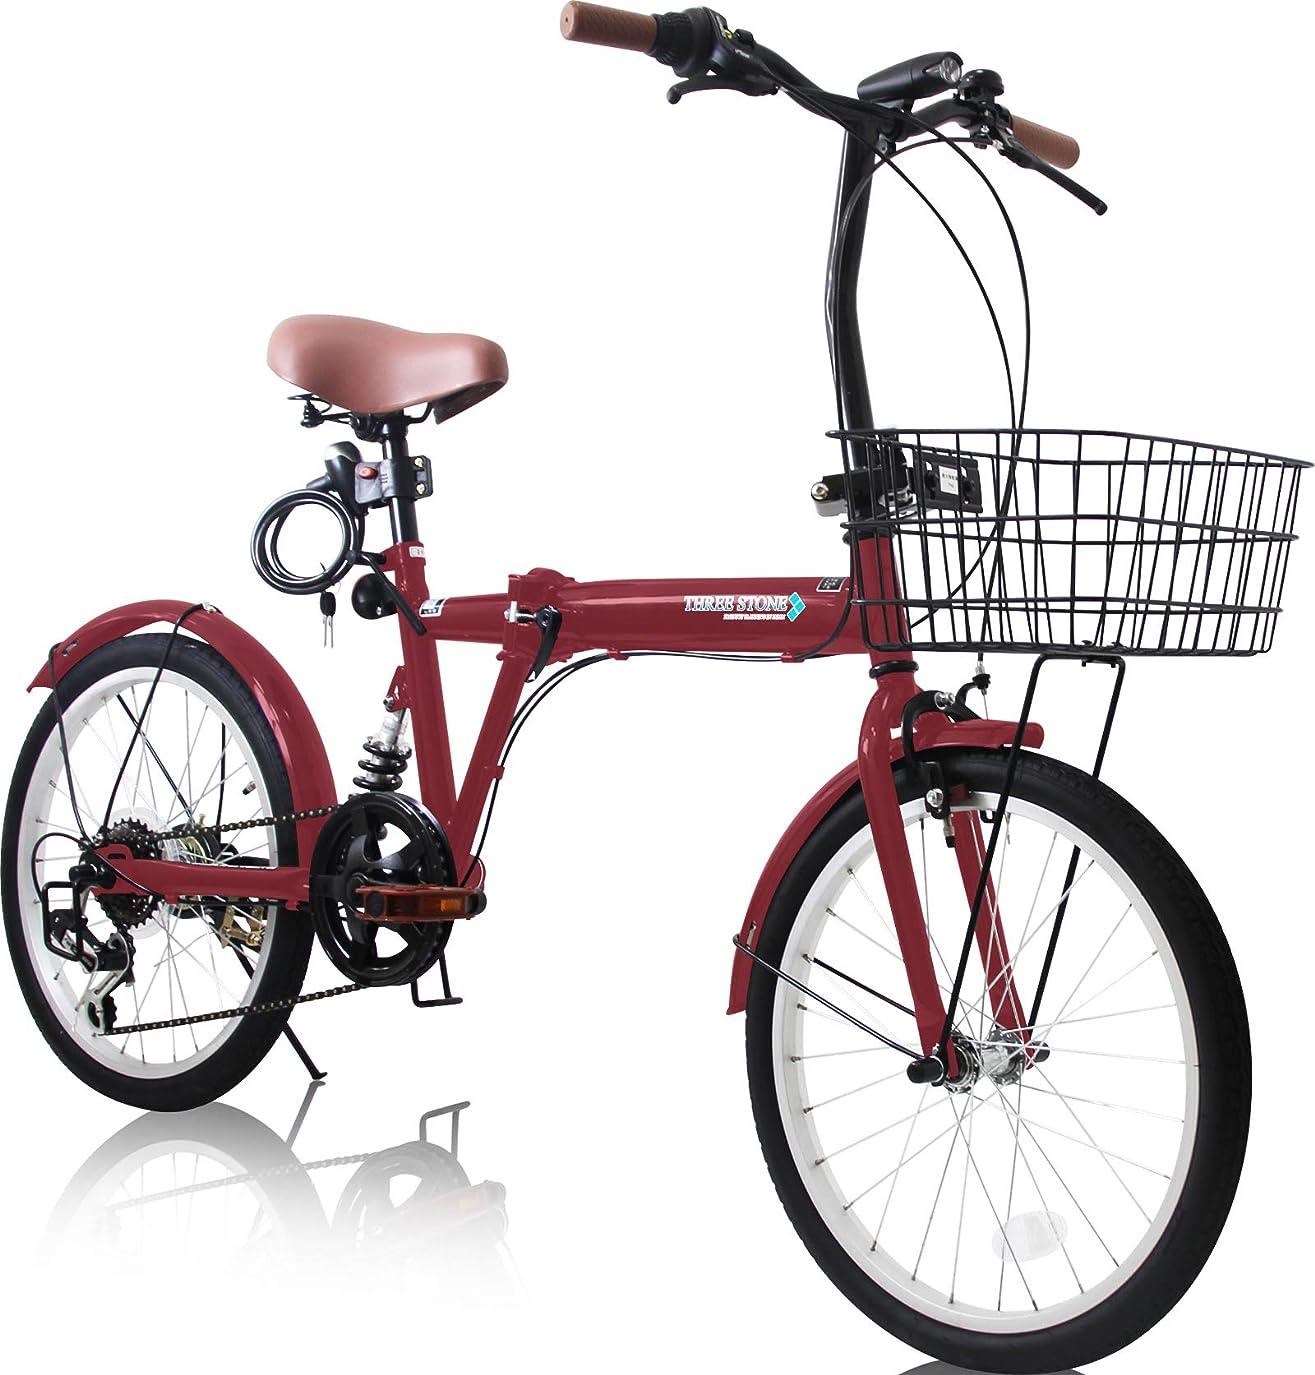 小川分布できたカゴ&リアサスペンション付 20インチ 折りたたみ自転車 EB-020-T シマノ外装6段ギア ワイヤーロック錠?フロントLEDライト付属 (ミニベロ/折り畳み自転車/軽快車/自転車)